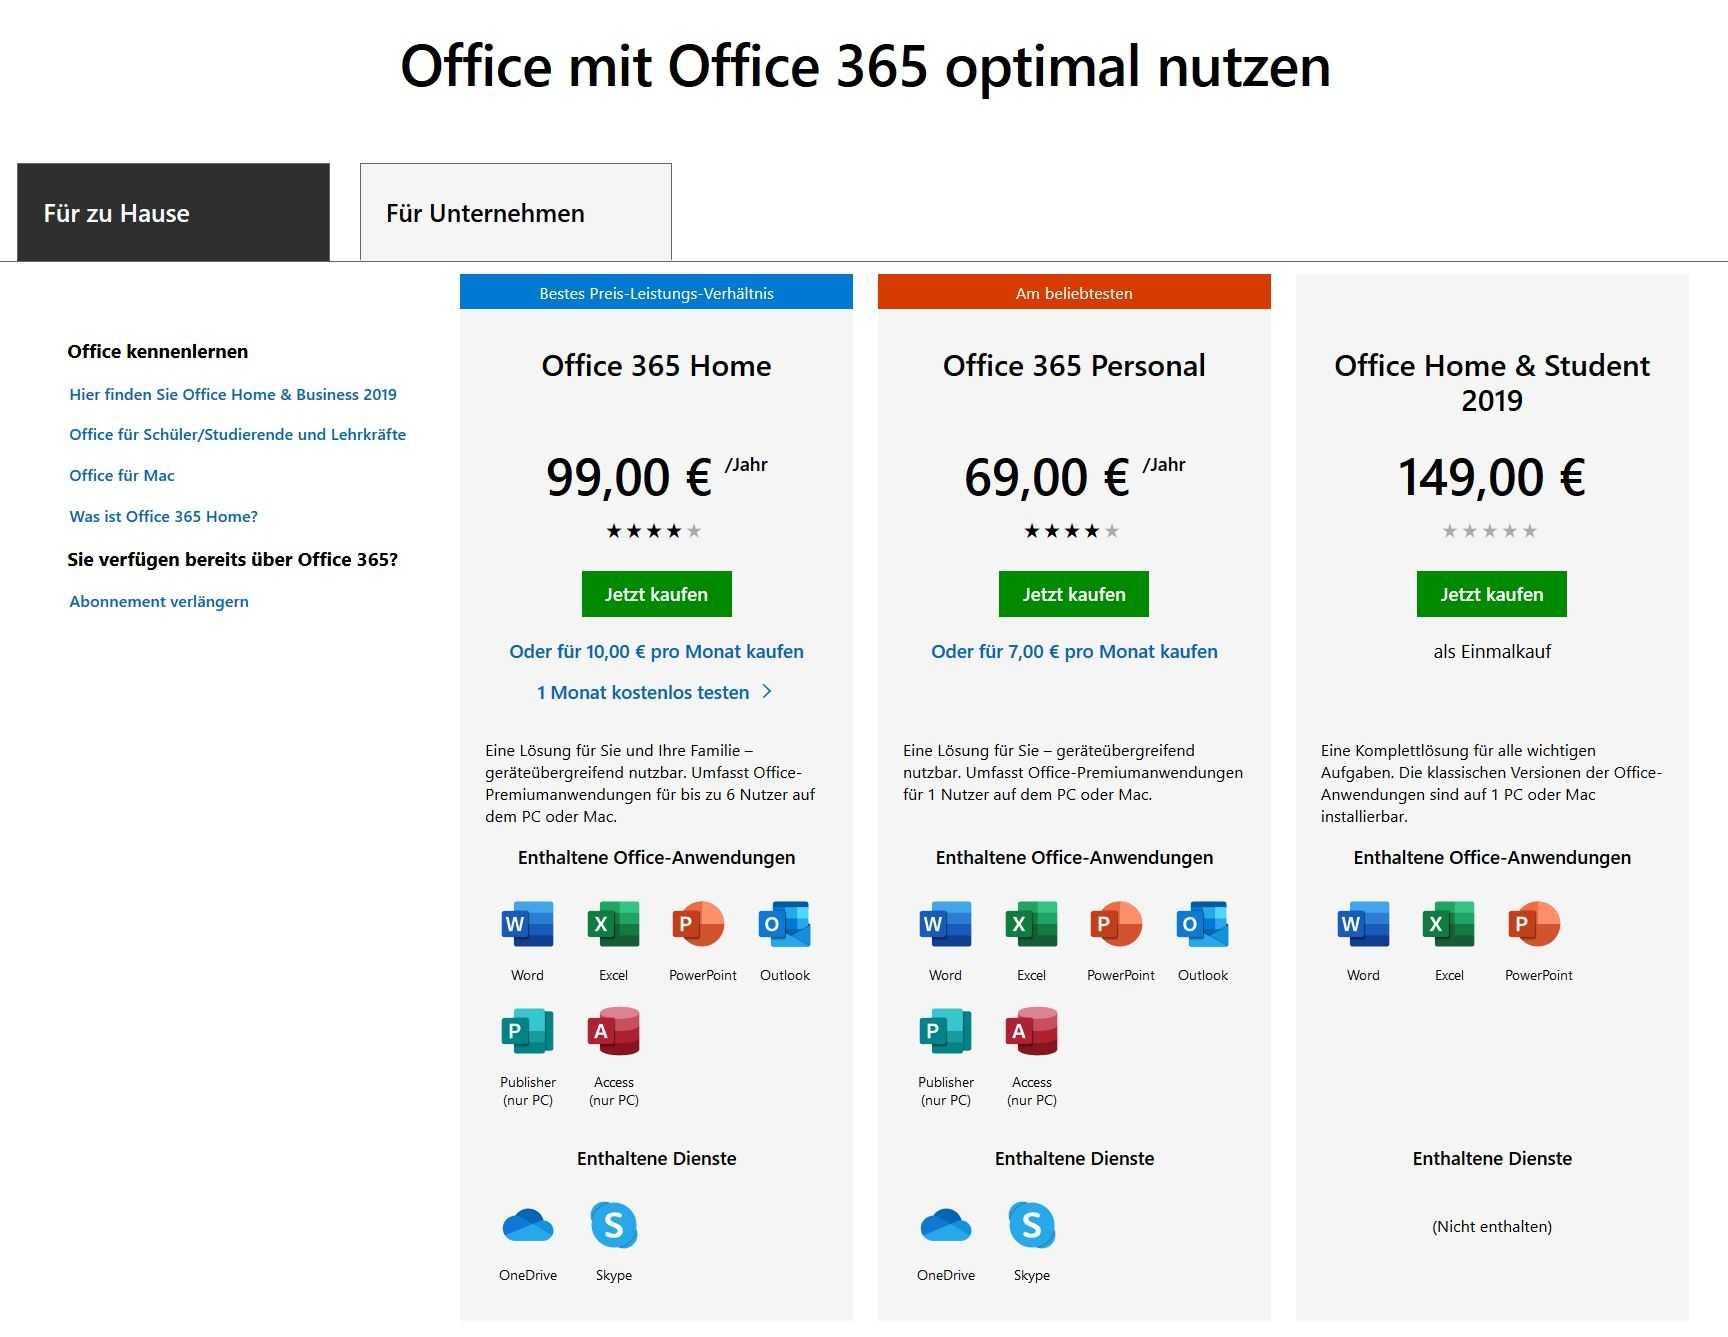 Für Privatnutzer kostet ein Office-365-Abo zwischen 70 und 150 Euro.